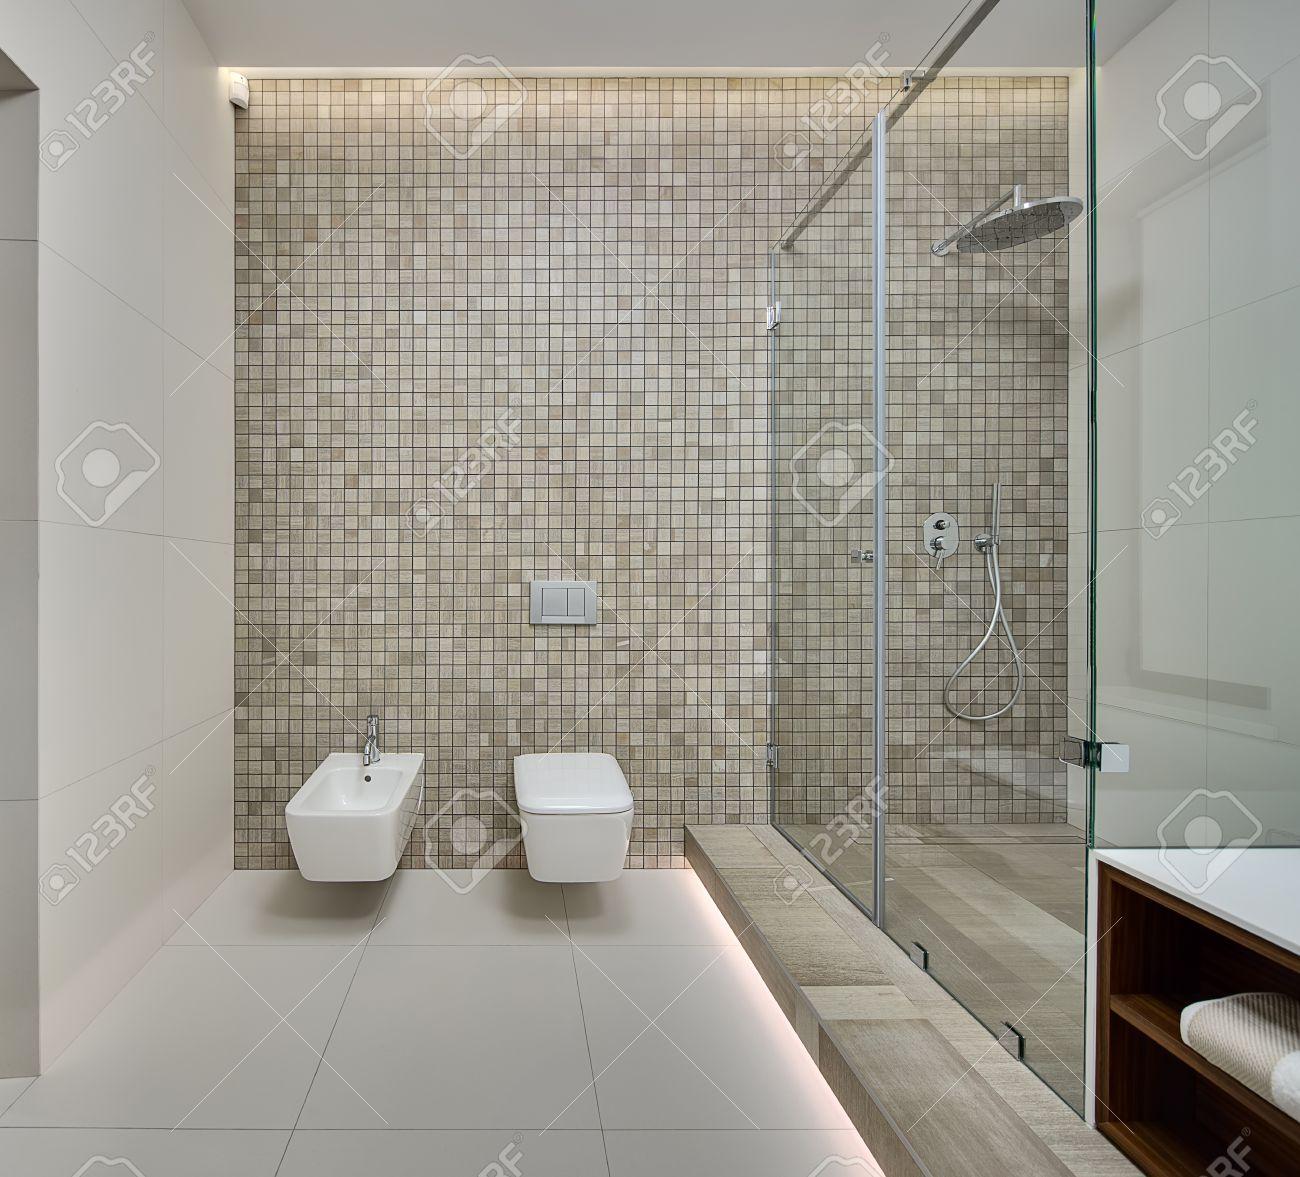 Cuarto De Baño En Un Estilo Moderno. Pared Del Fondo Decorado Con ...